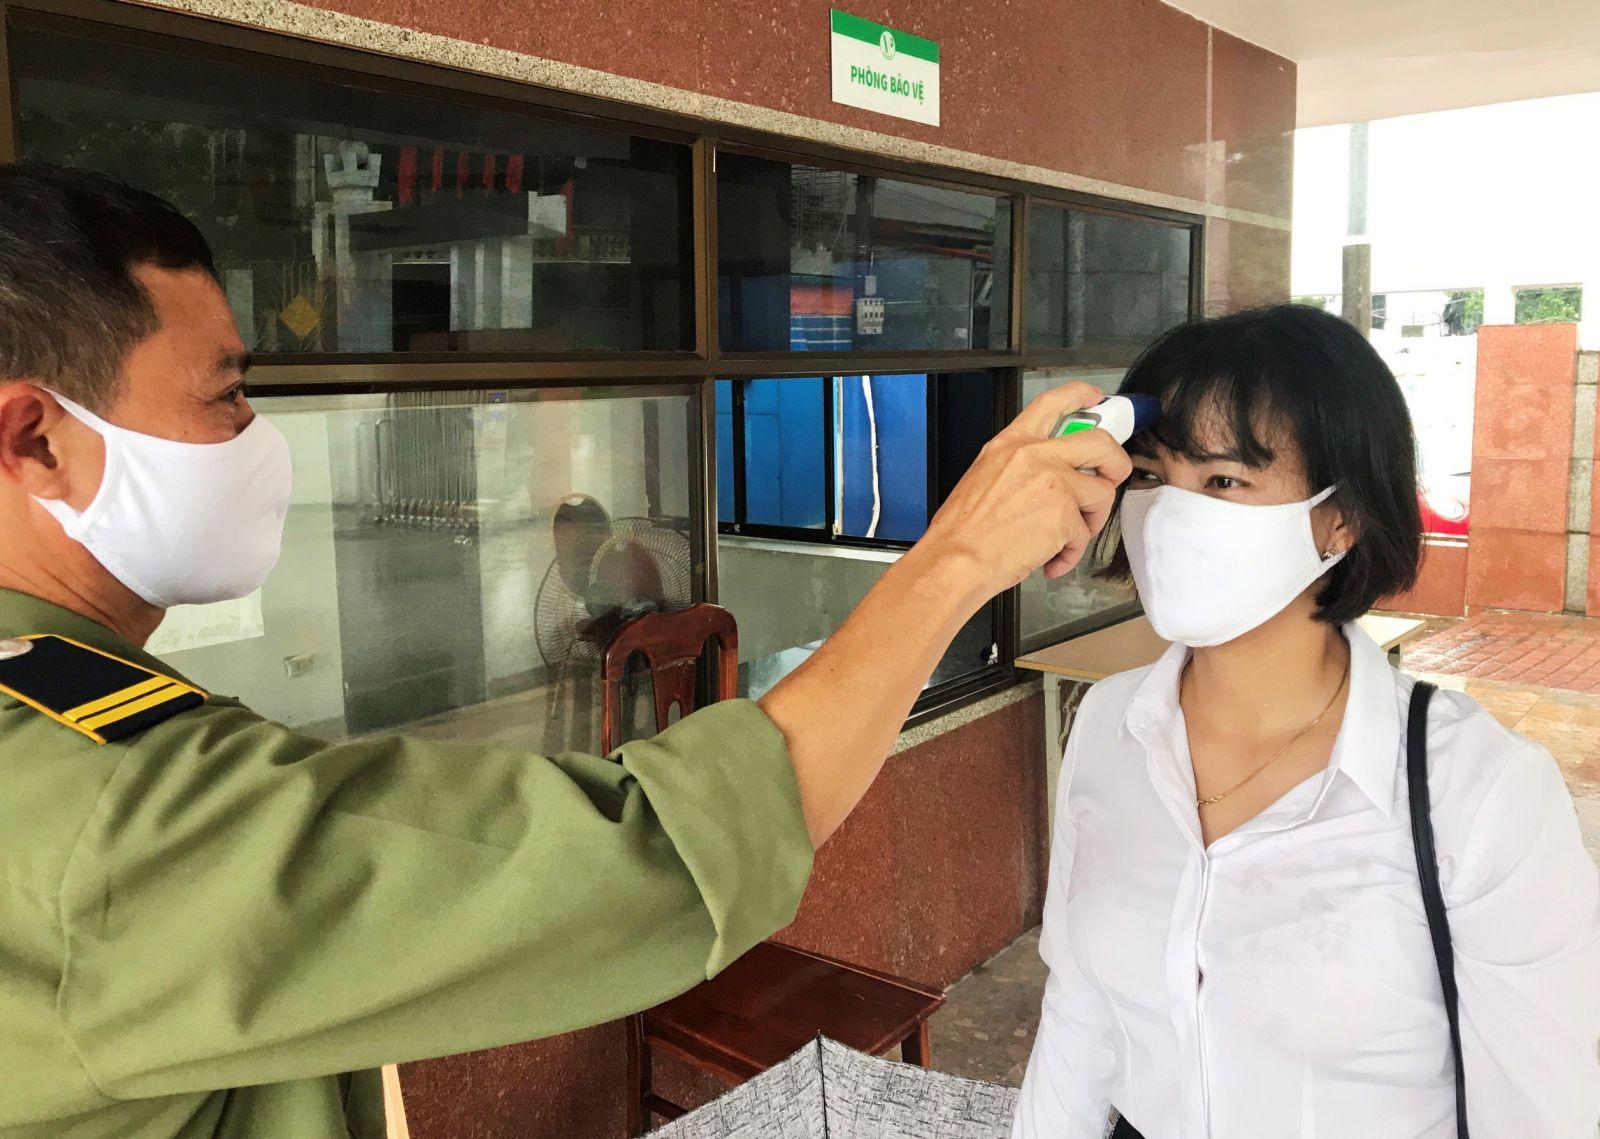 Tổng công ty Giấy Việt Nam, kiểm soát người ra vào công ty để phòng dịch